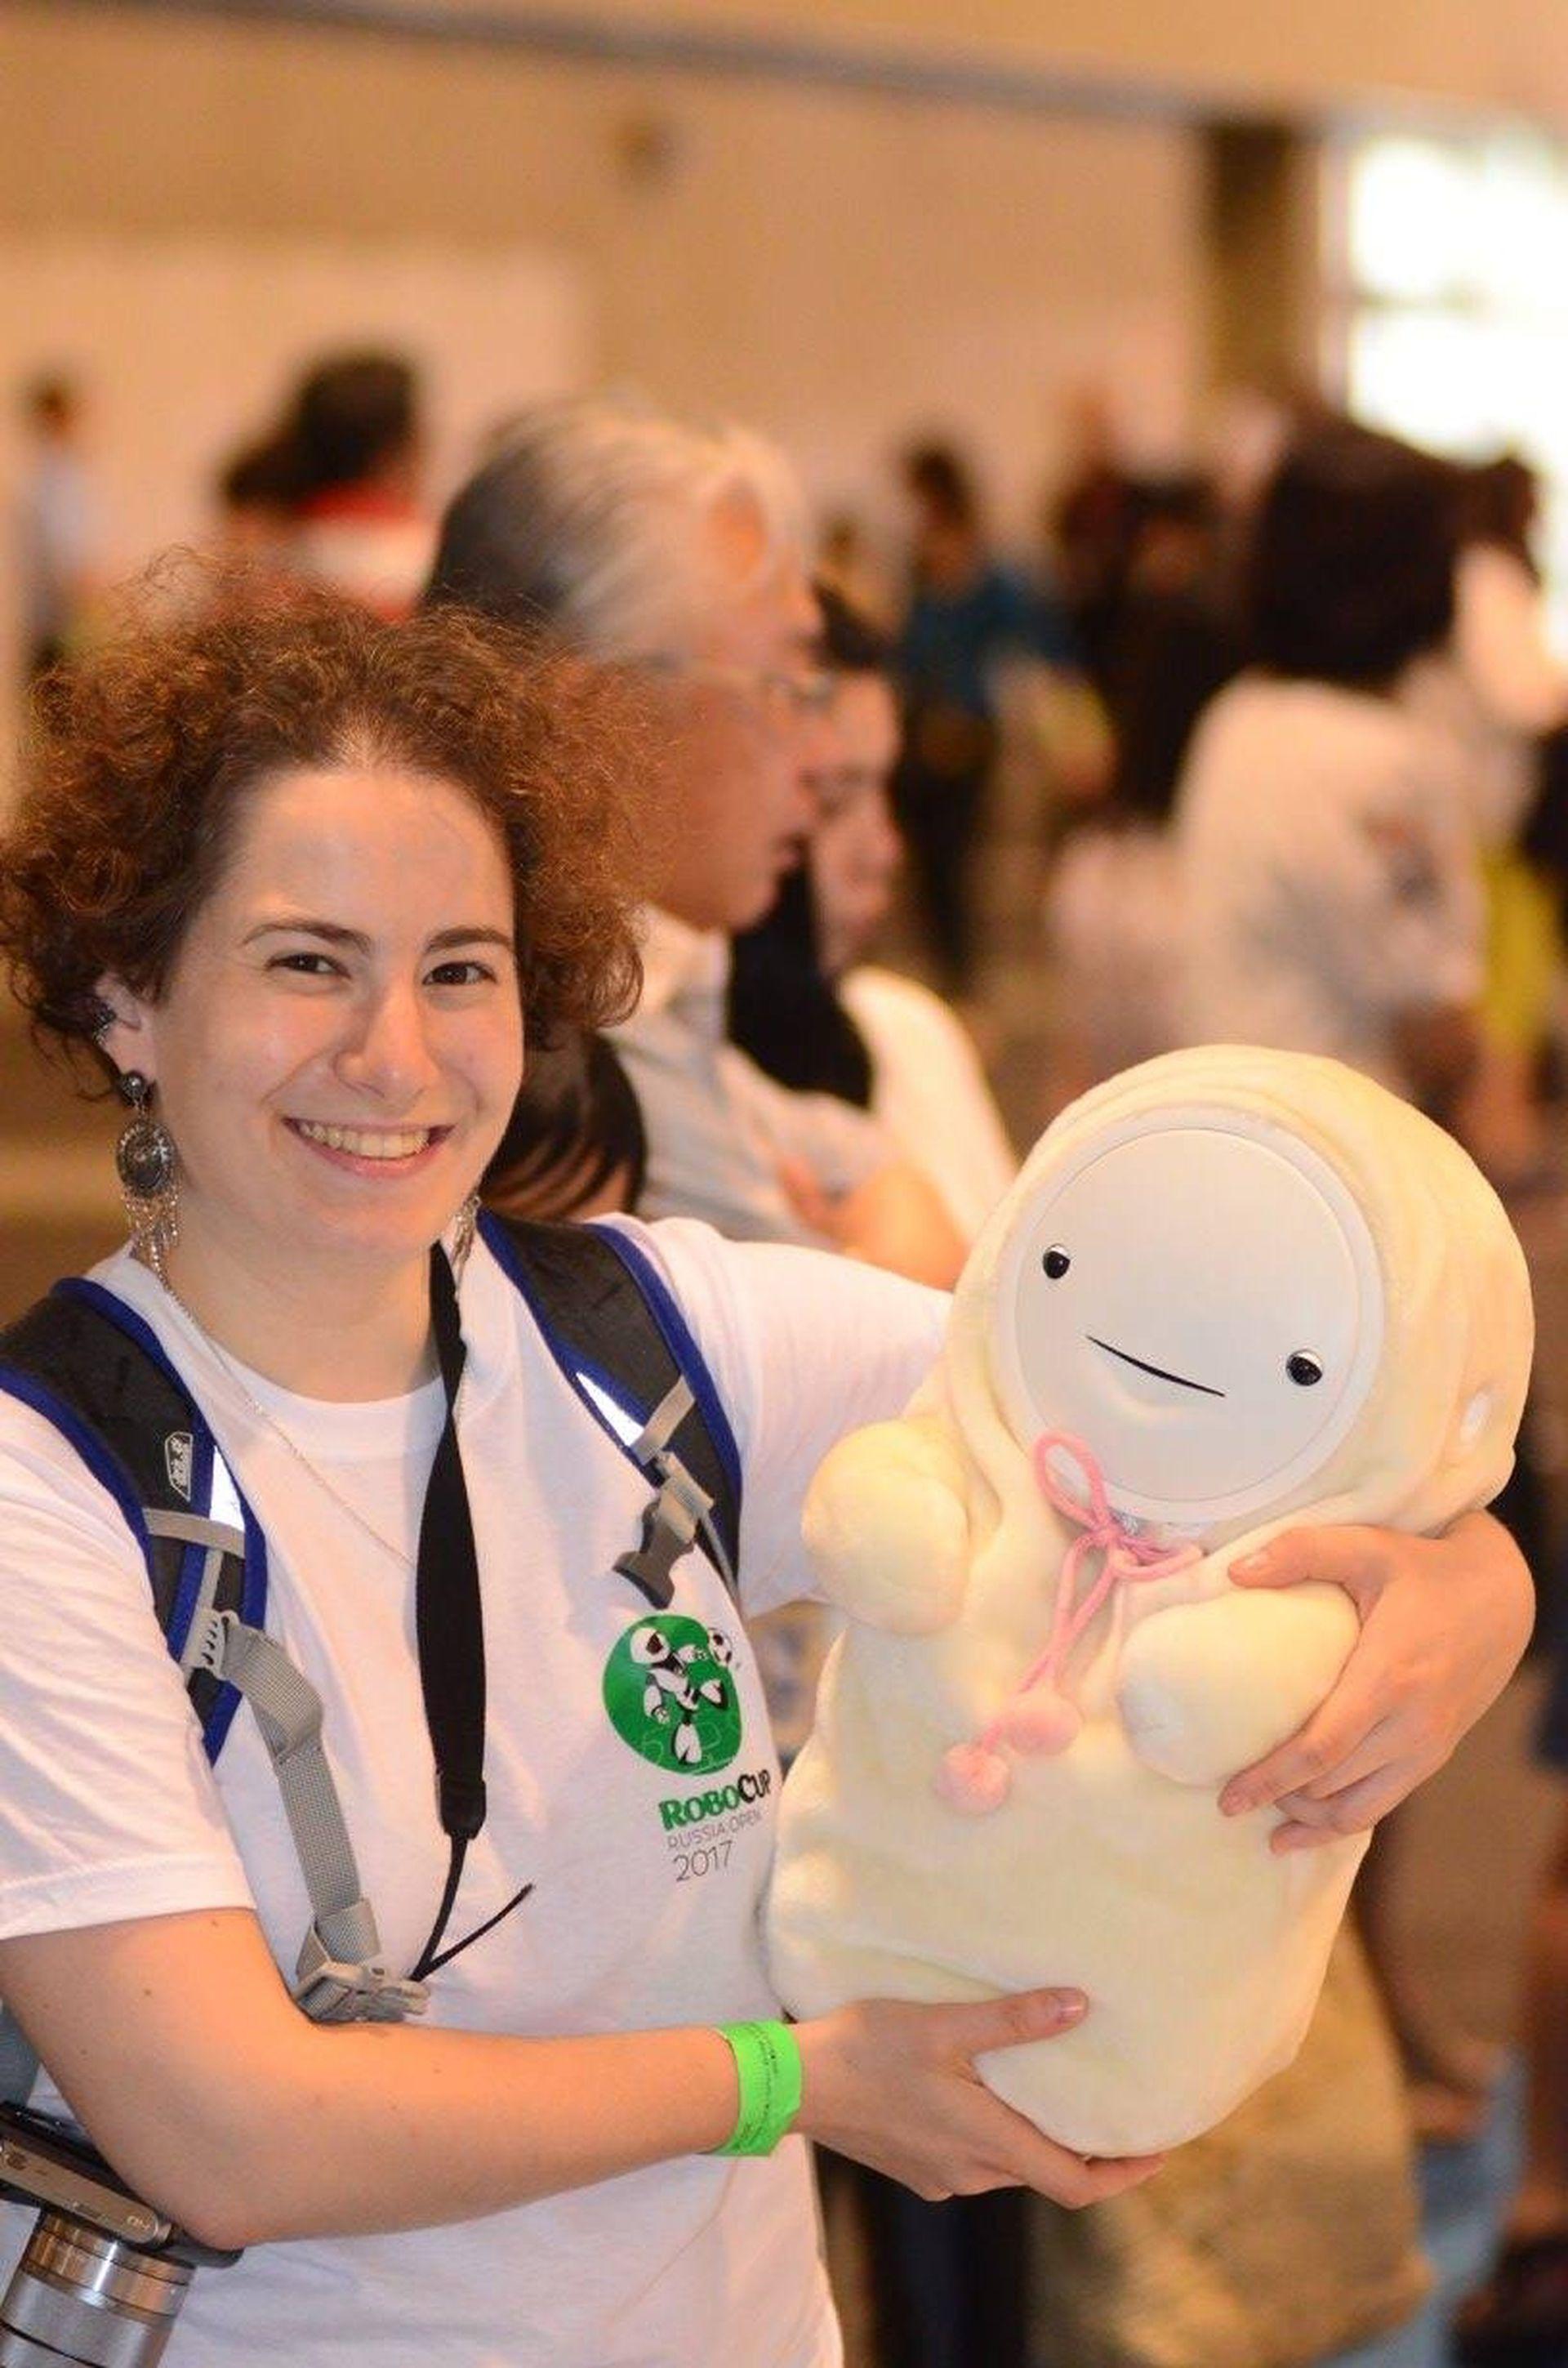 Smibi es una androide bebé pensada para acompañar a personas solas. Reconoce voces y sonríe.